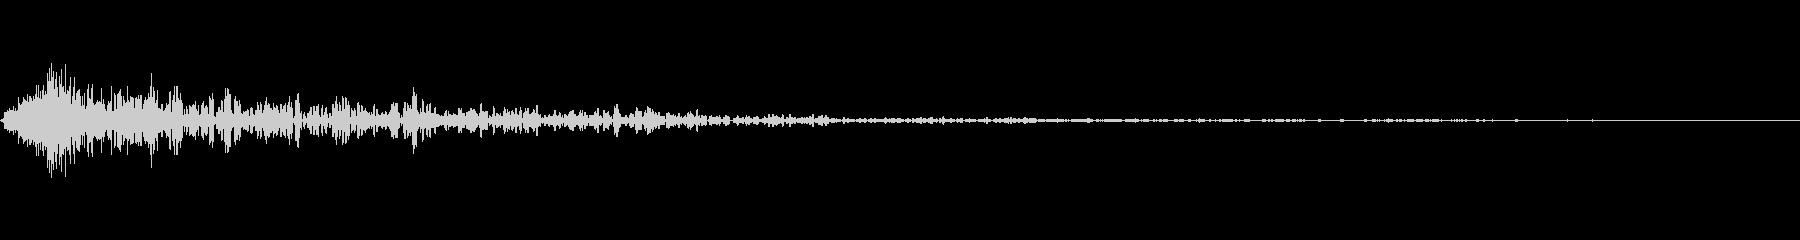 インパクトスリンキーヒットクワッドOの未再生の波形